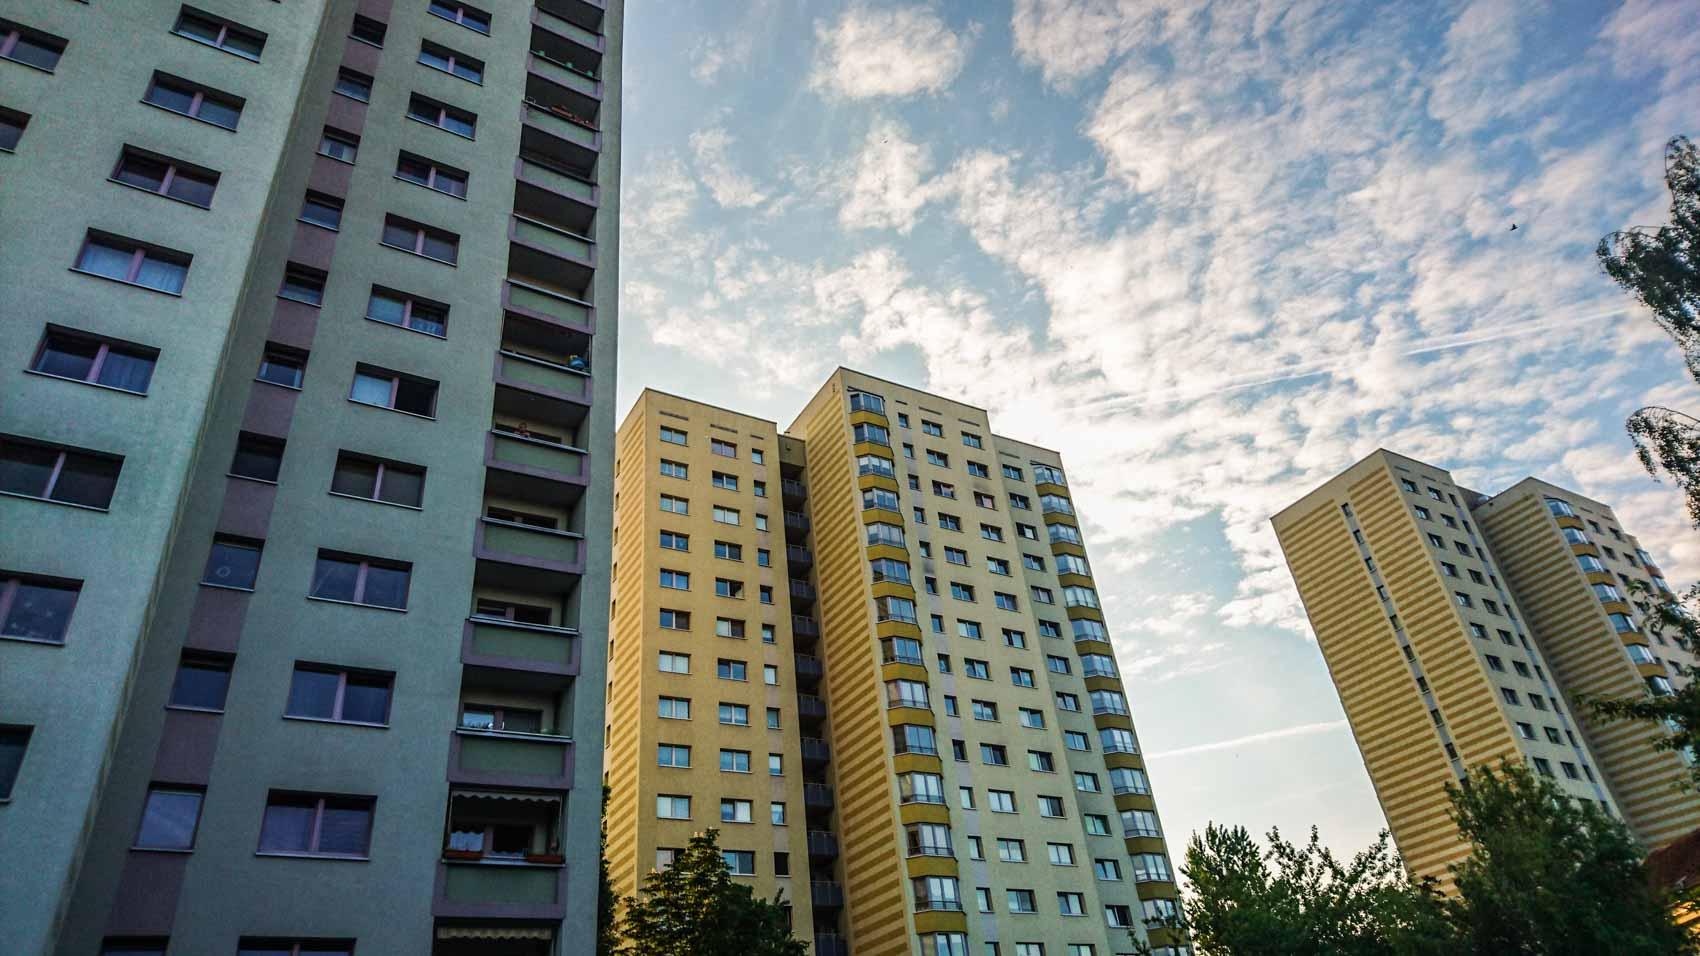 DDR Architektur Potsdam ostmodern